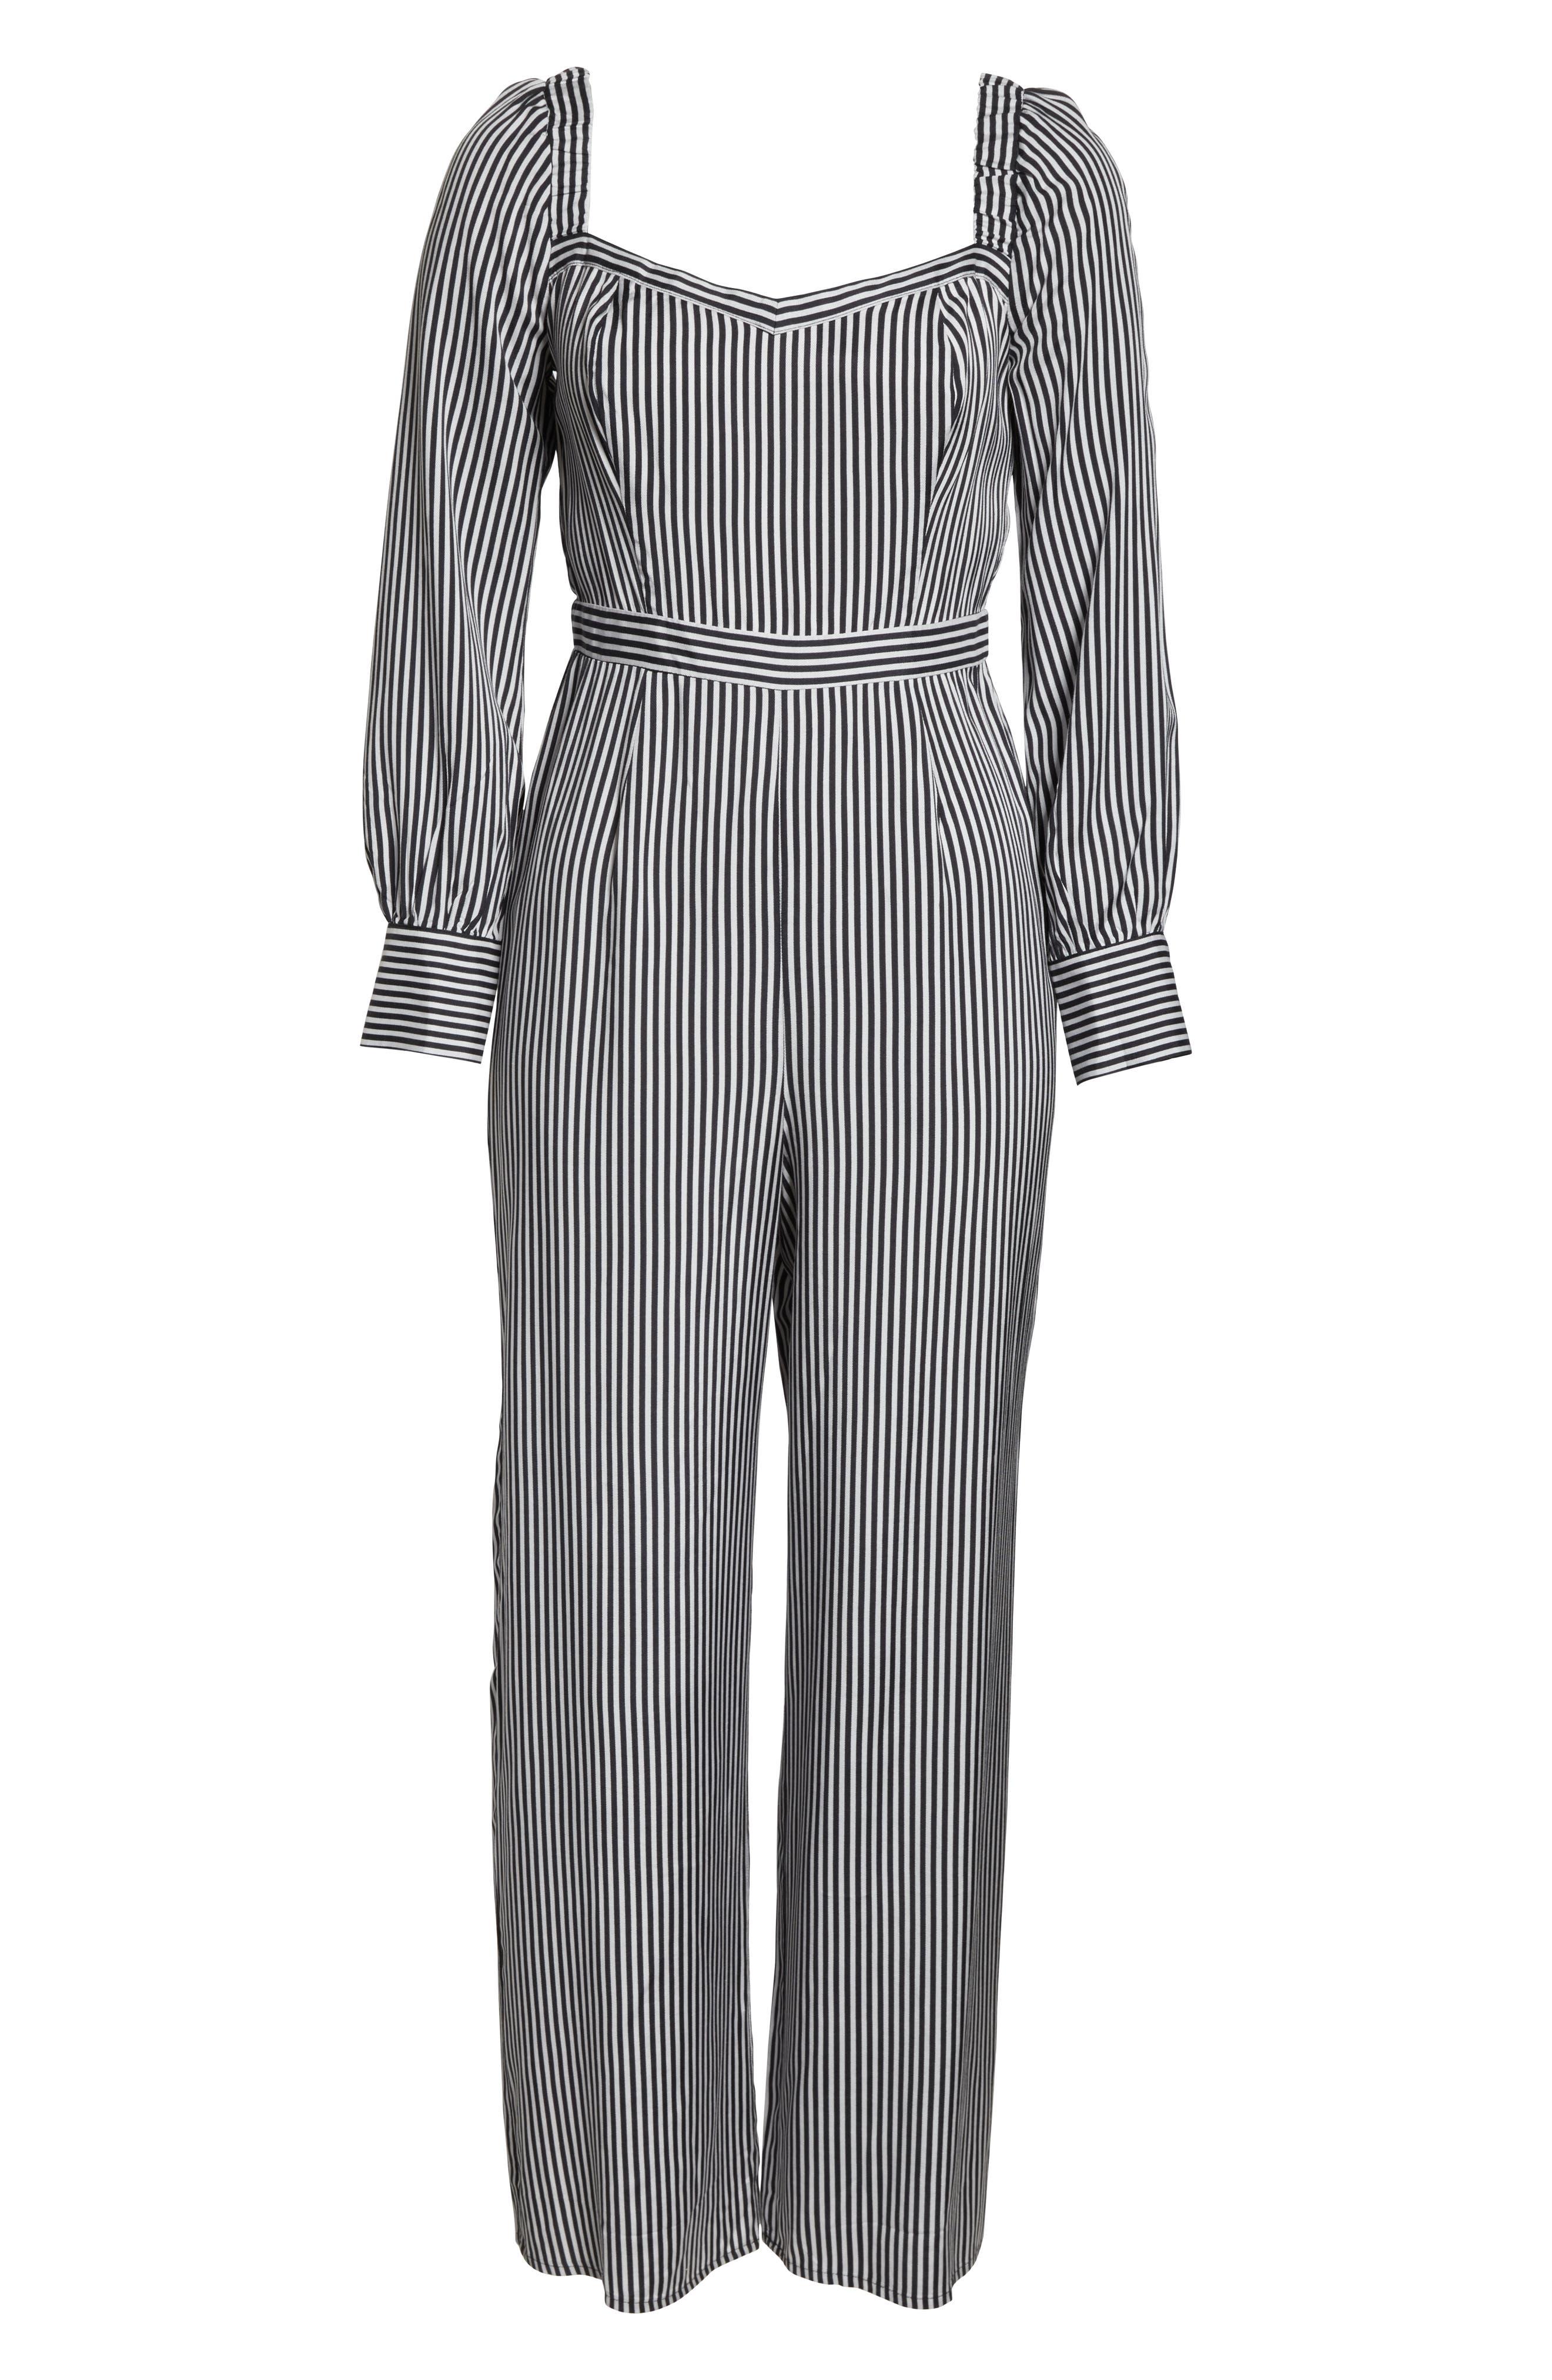 ALI & JAY, Retro Stripe Jumpsuit, Alternate thumbnail 7, color, BLACK/ WHITE